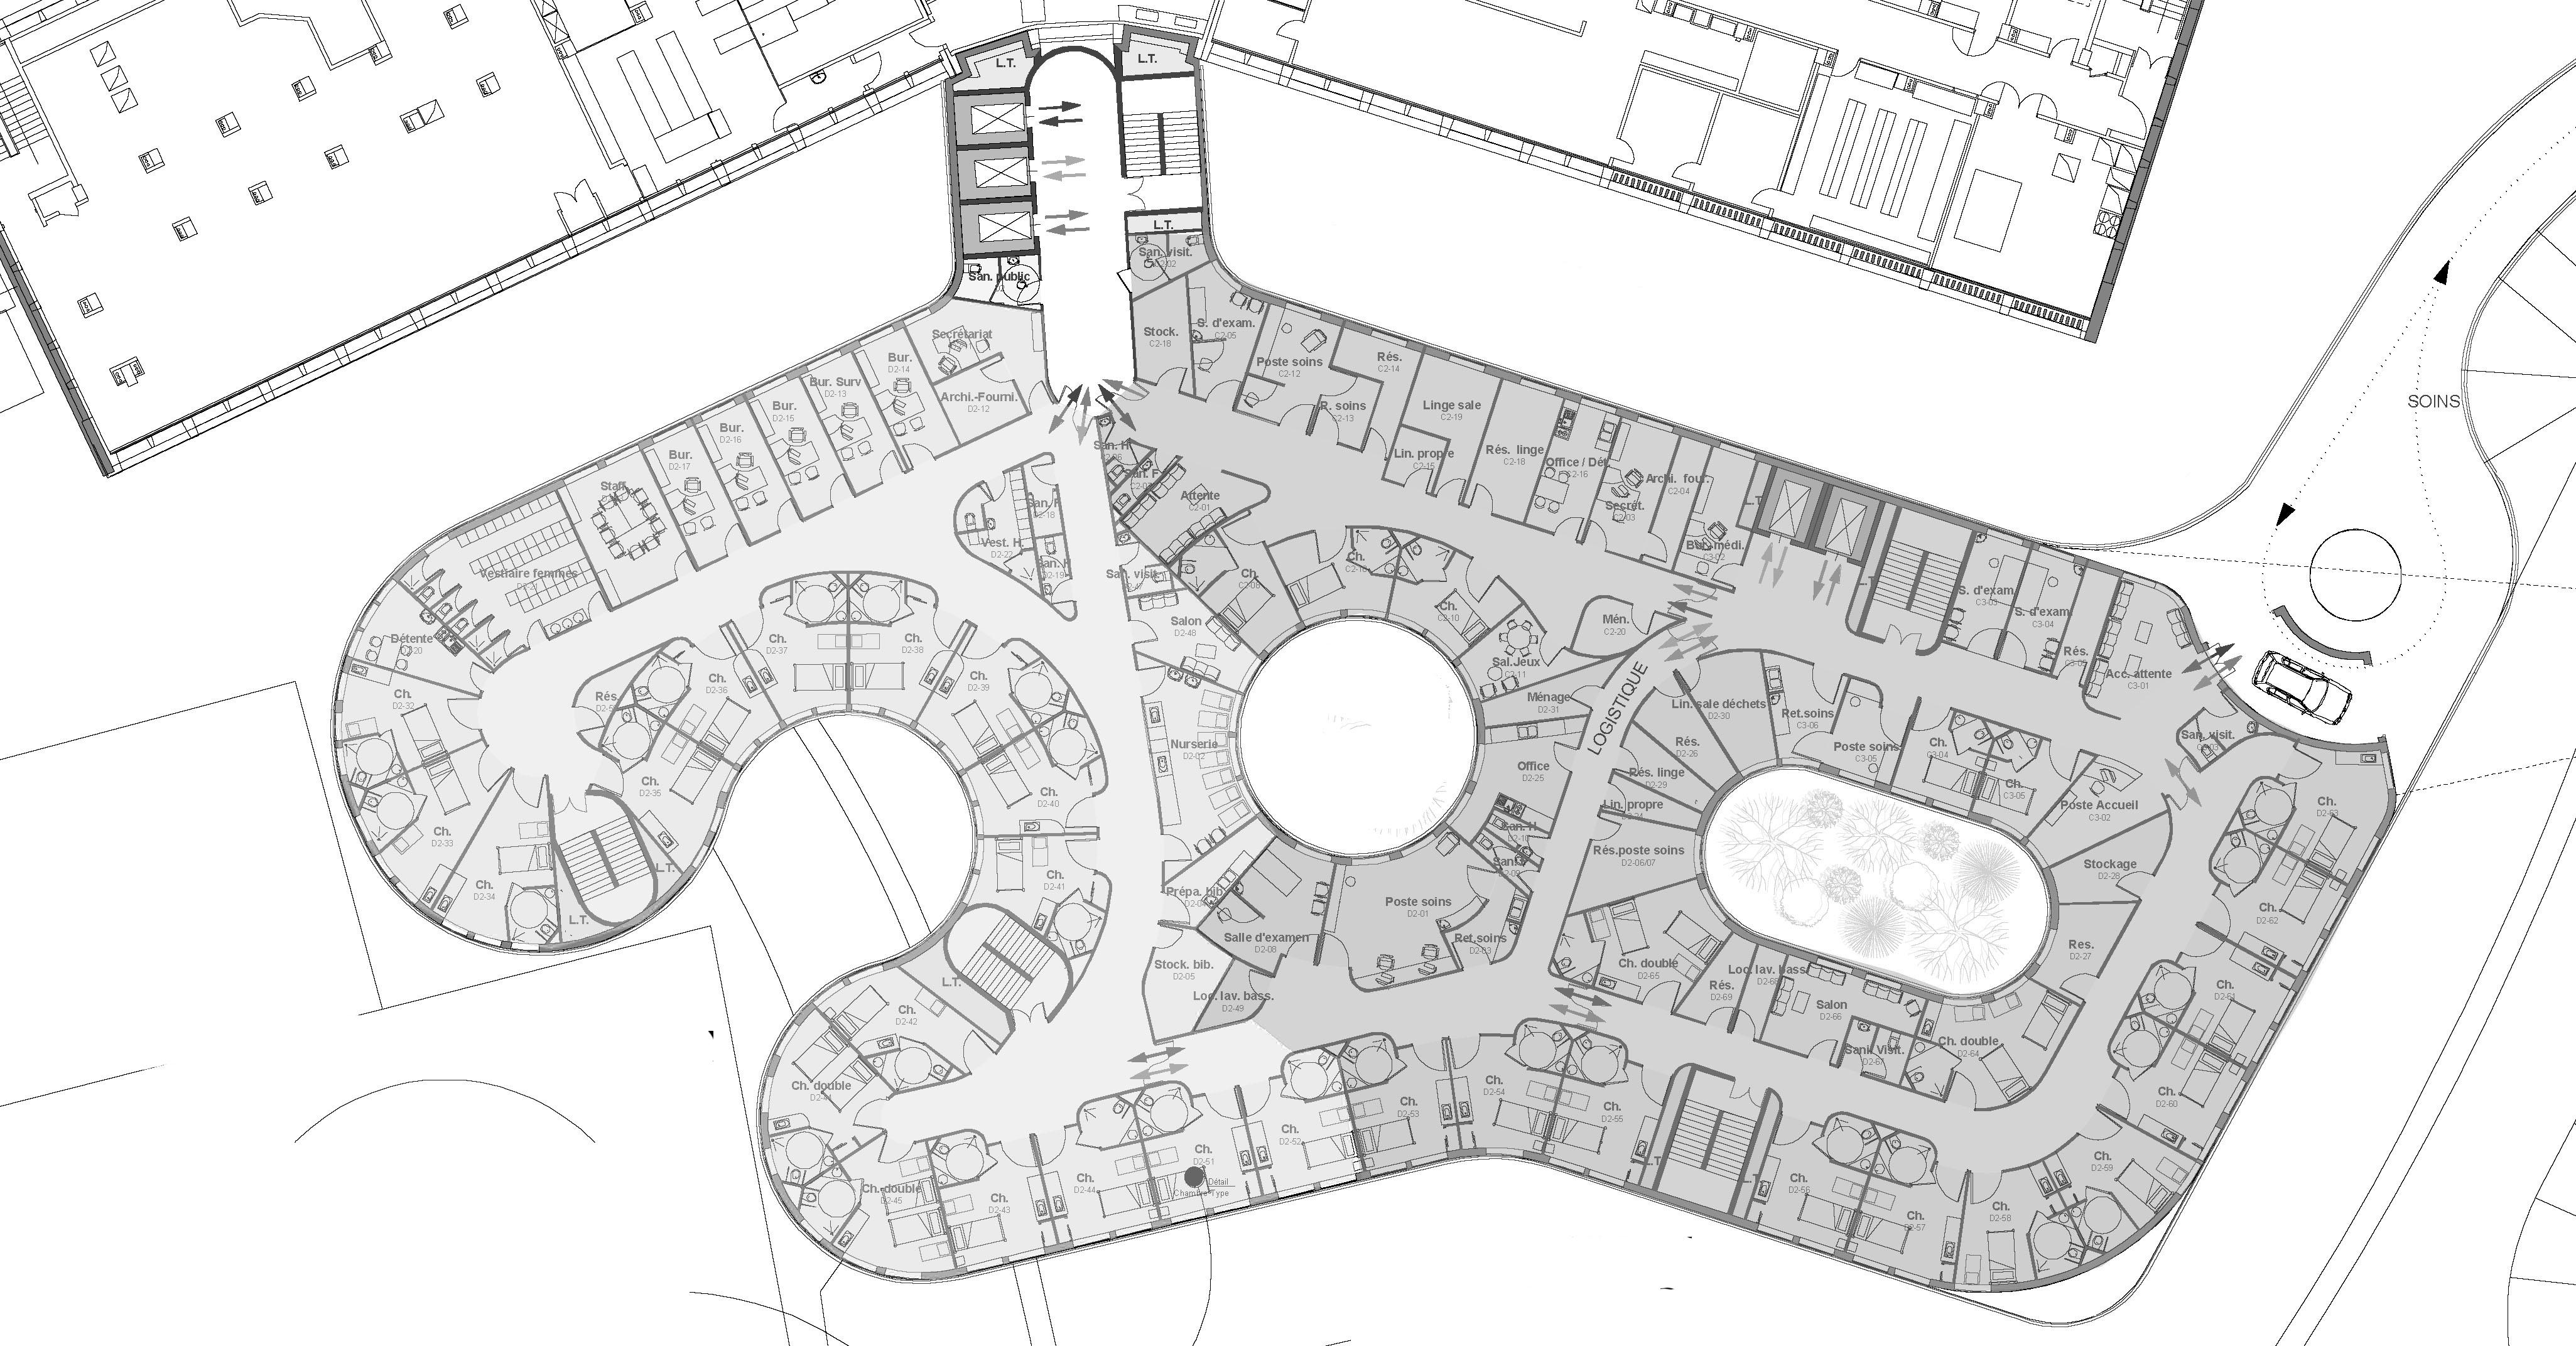 pole mere enfant lisieux zoomfactor architectes paris. Black Bedroom Furniture Sets. Home Design Ideas